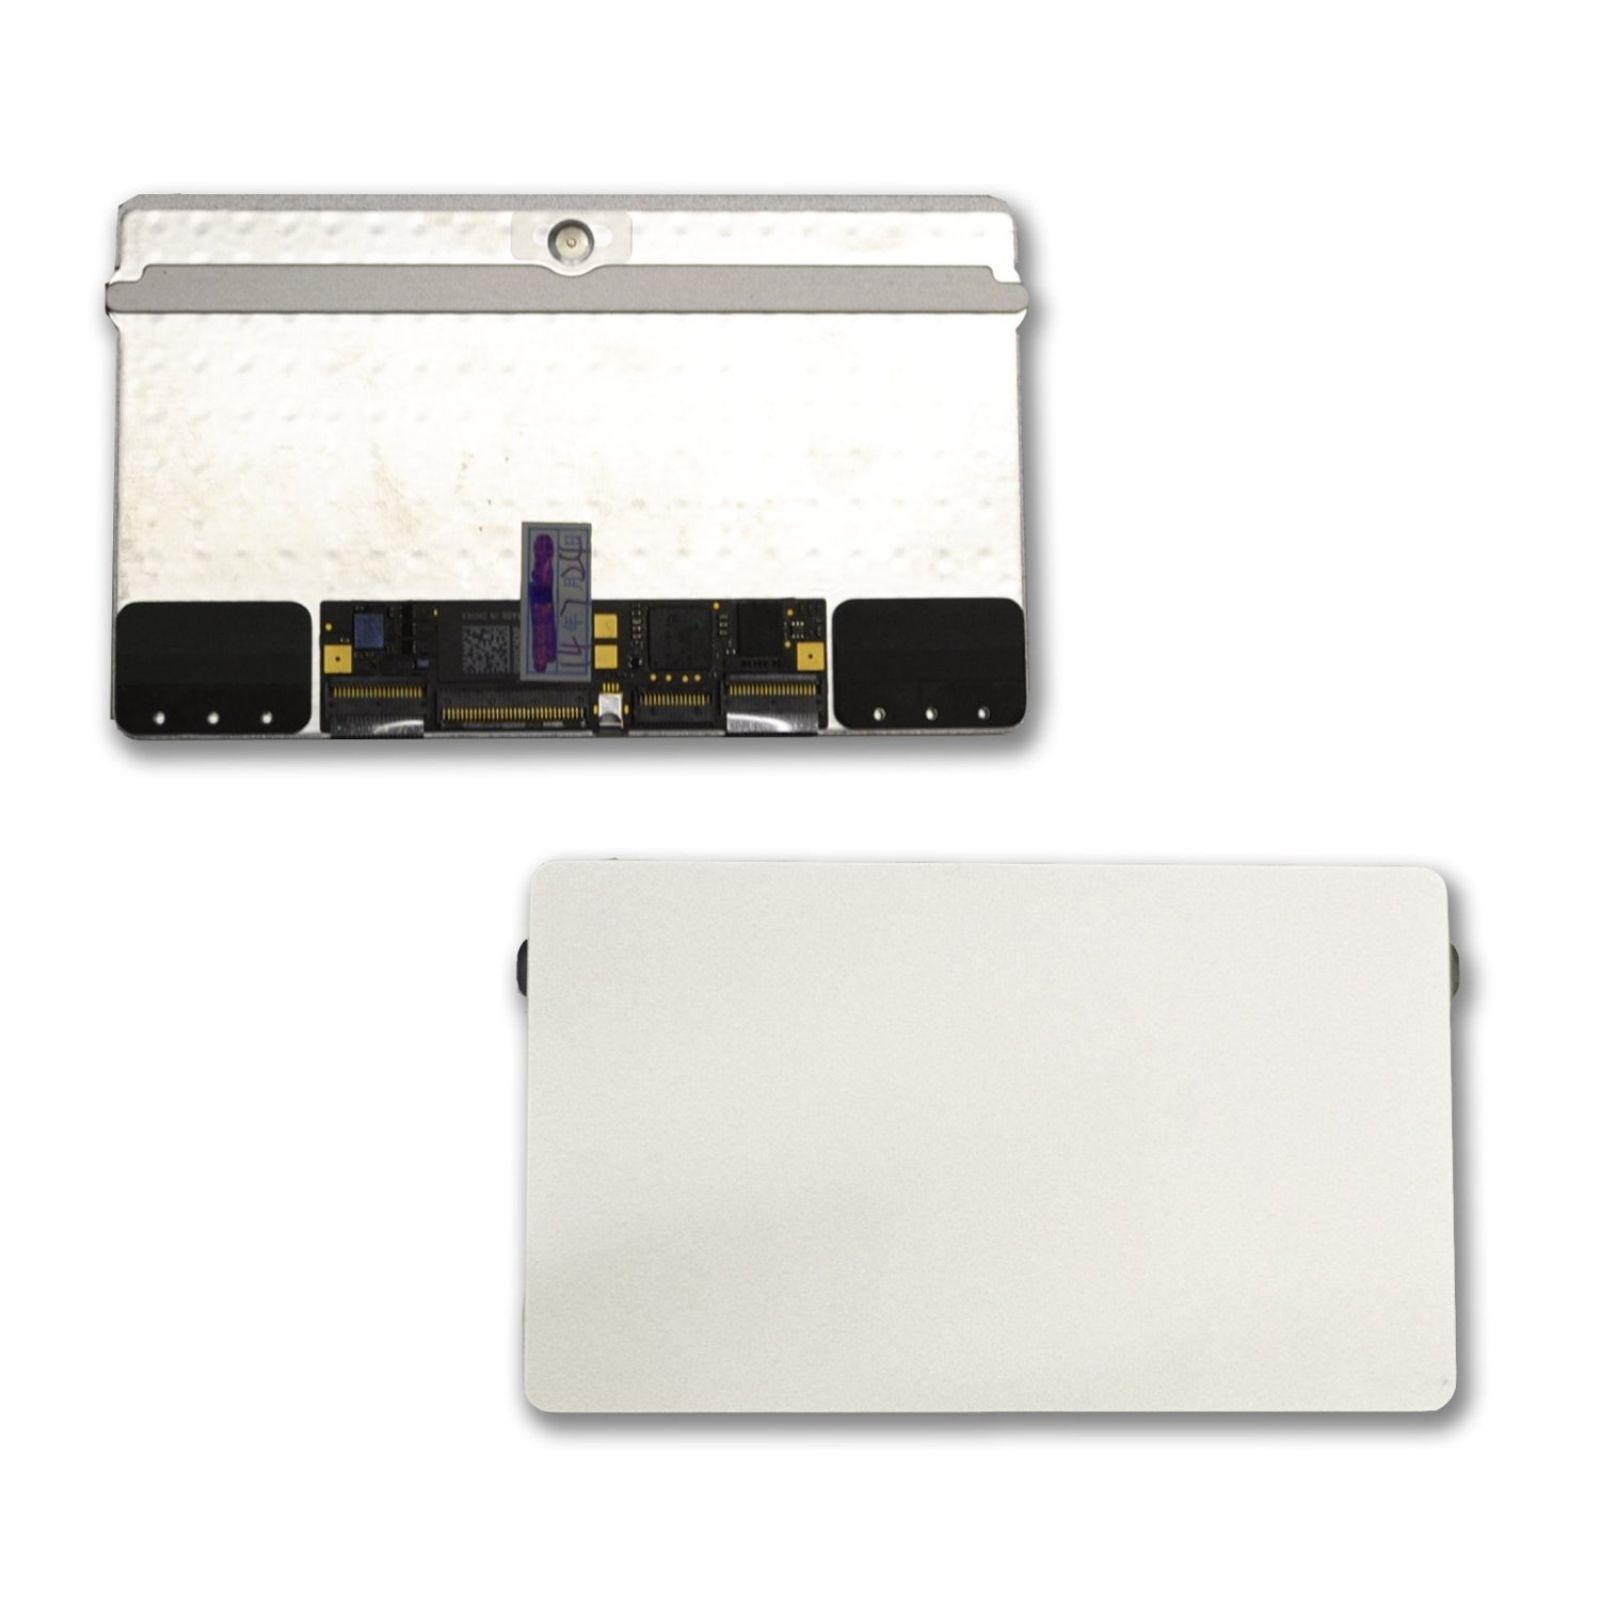 Trackpad Touchpad Apple Macbook AIR A1370 MC505 MC906LL-A  MC968 MD214 - A1465 MD223 MD845